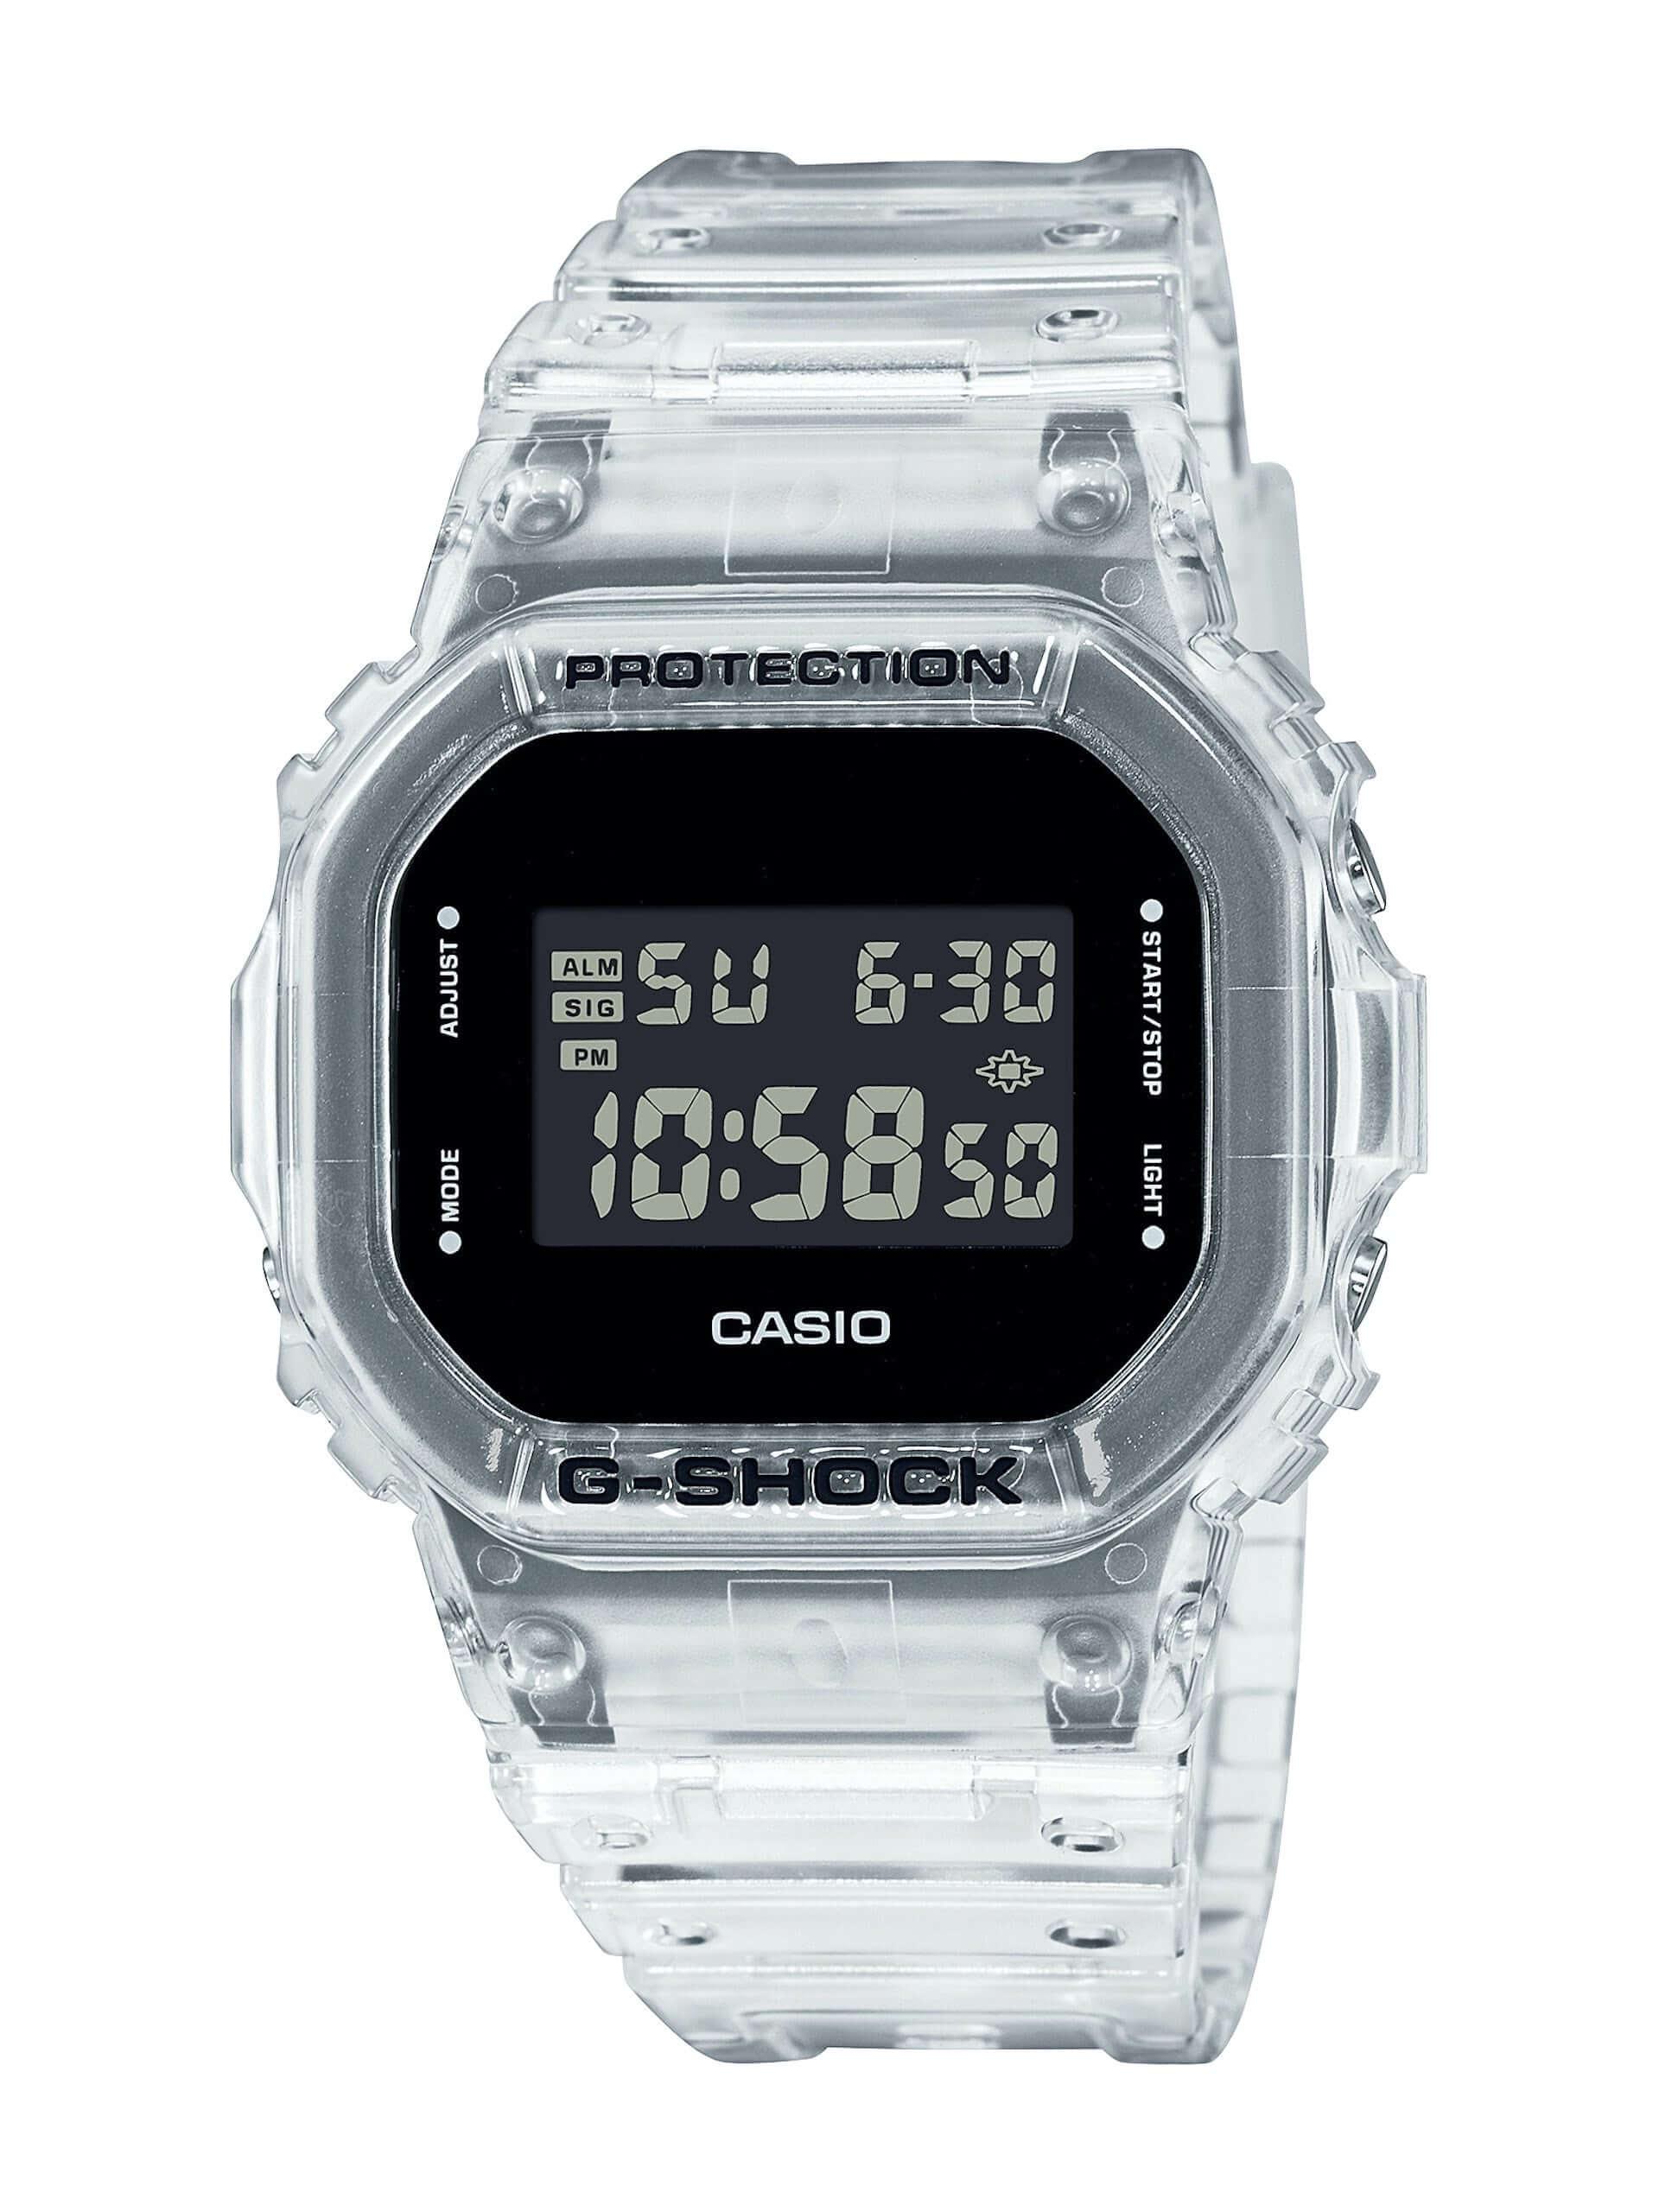 G-SHOCKのスケルトンシリーズに新作が登場!元祖スクエアモデル『DW-5600』やスポーティーモデル『GA-2000』など全6種 tech210202_g-shock_6-1920x2560